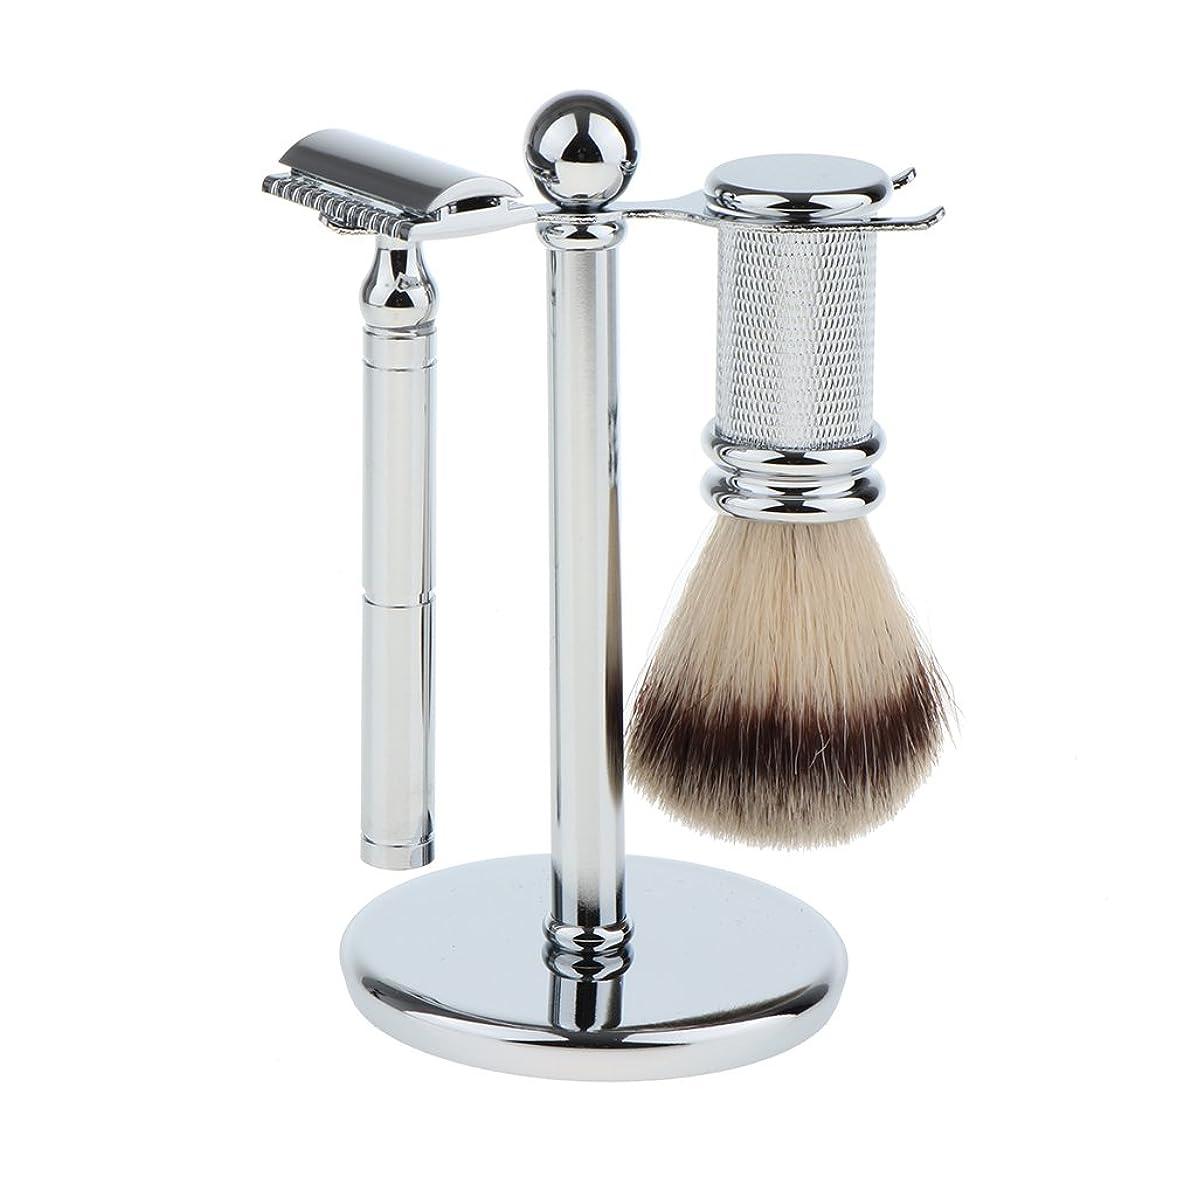 大工に対応オデュッセウスKesoto スタンド ブラシ マニュアルシェーバー 3本セット 男性用 シェービング ブラシスタンド マニュアル ダブルエッジ 安全剃刀